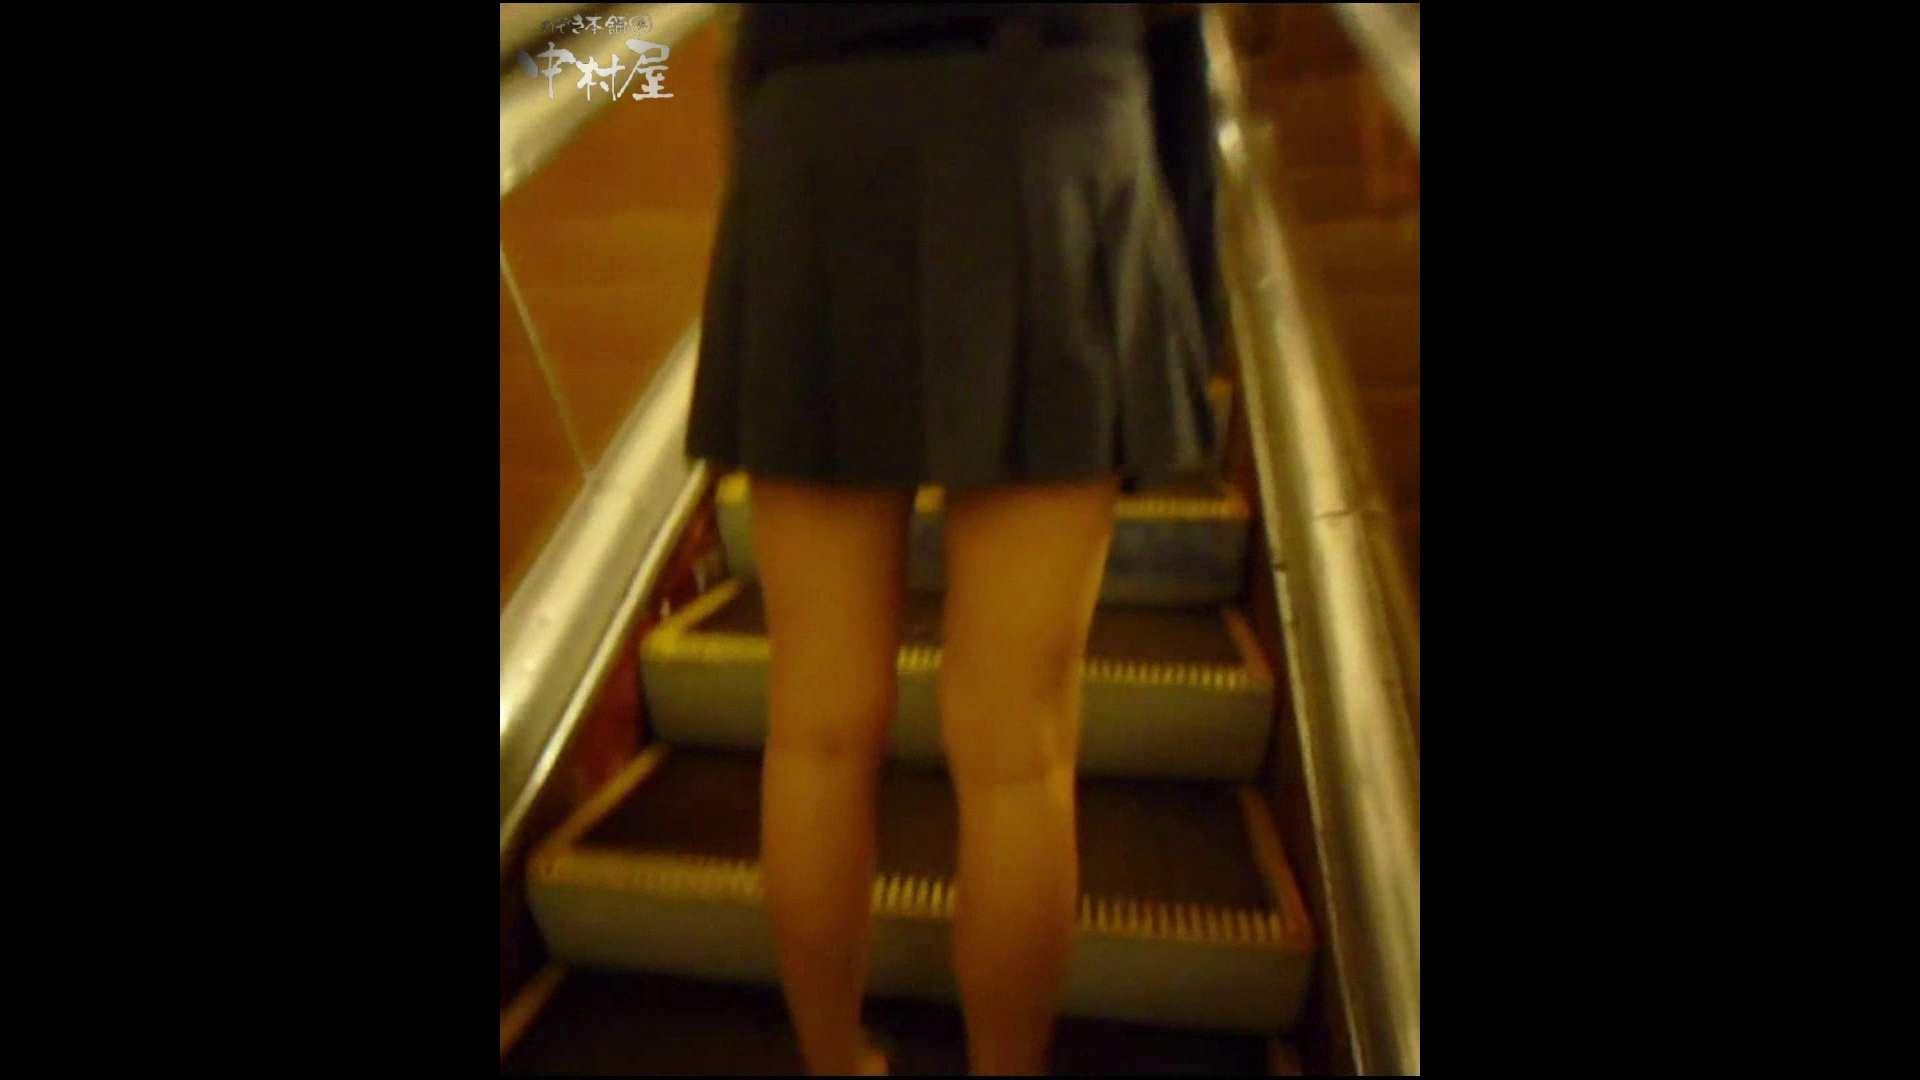 綺麗なモデルさんのスカート捲っちゃおう‼ vol26 お姉さん丸裸  80pic 78